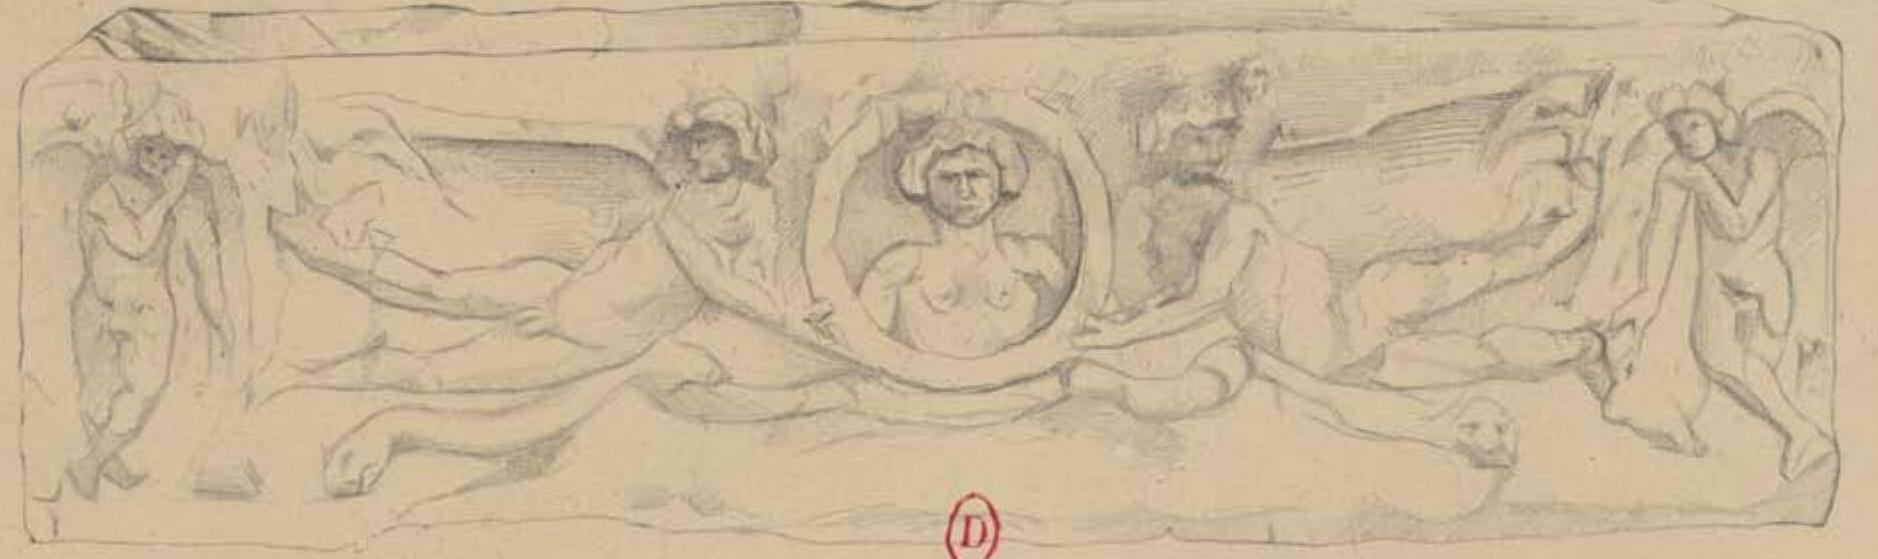 Карфаген. Резной саркофаг (прорисовка)